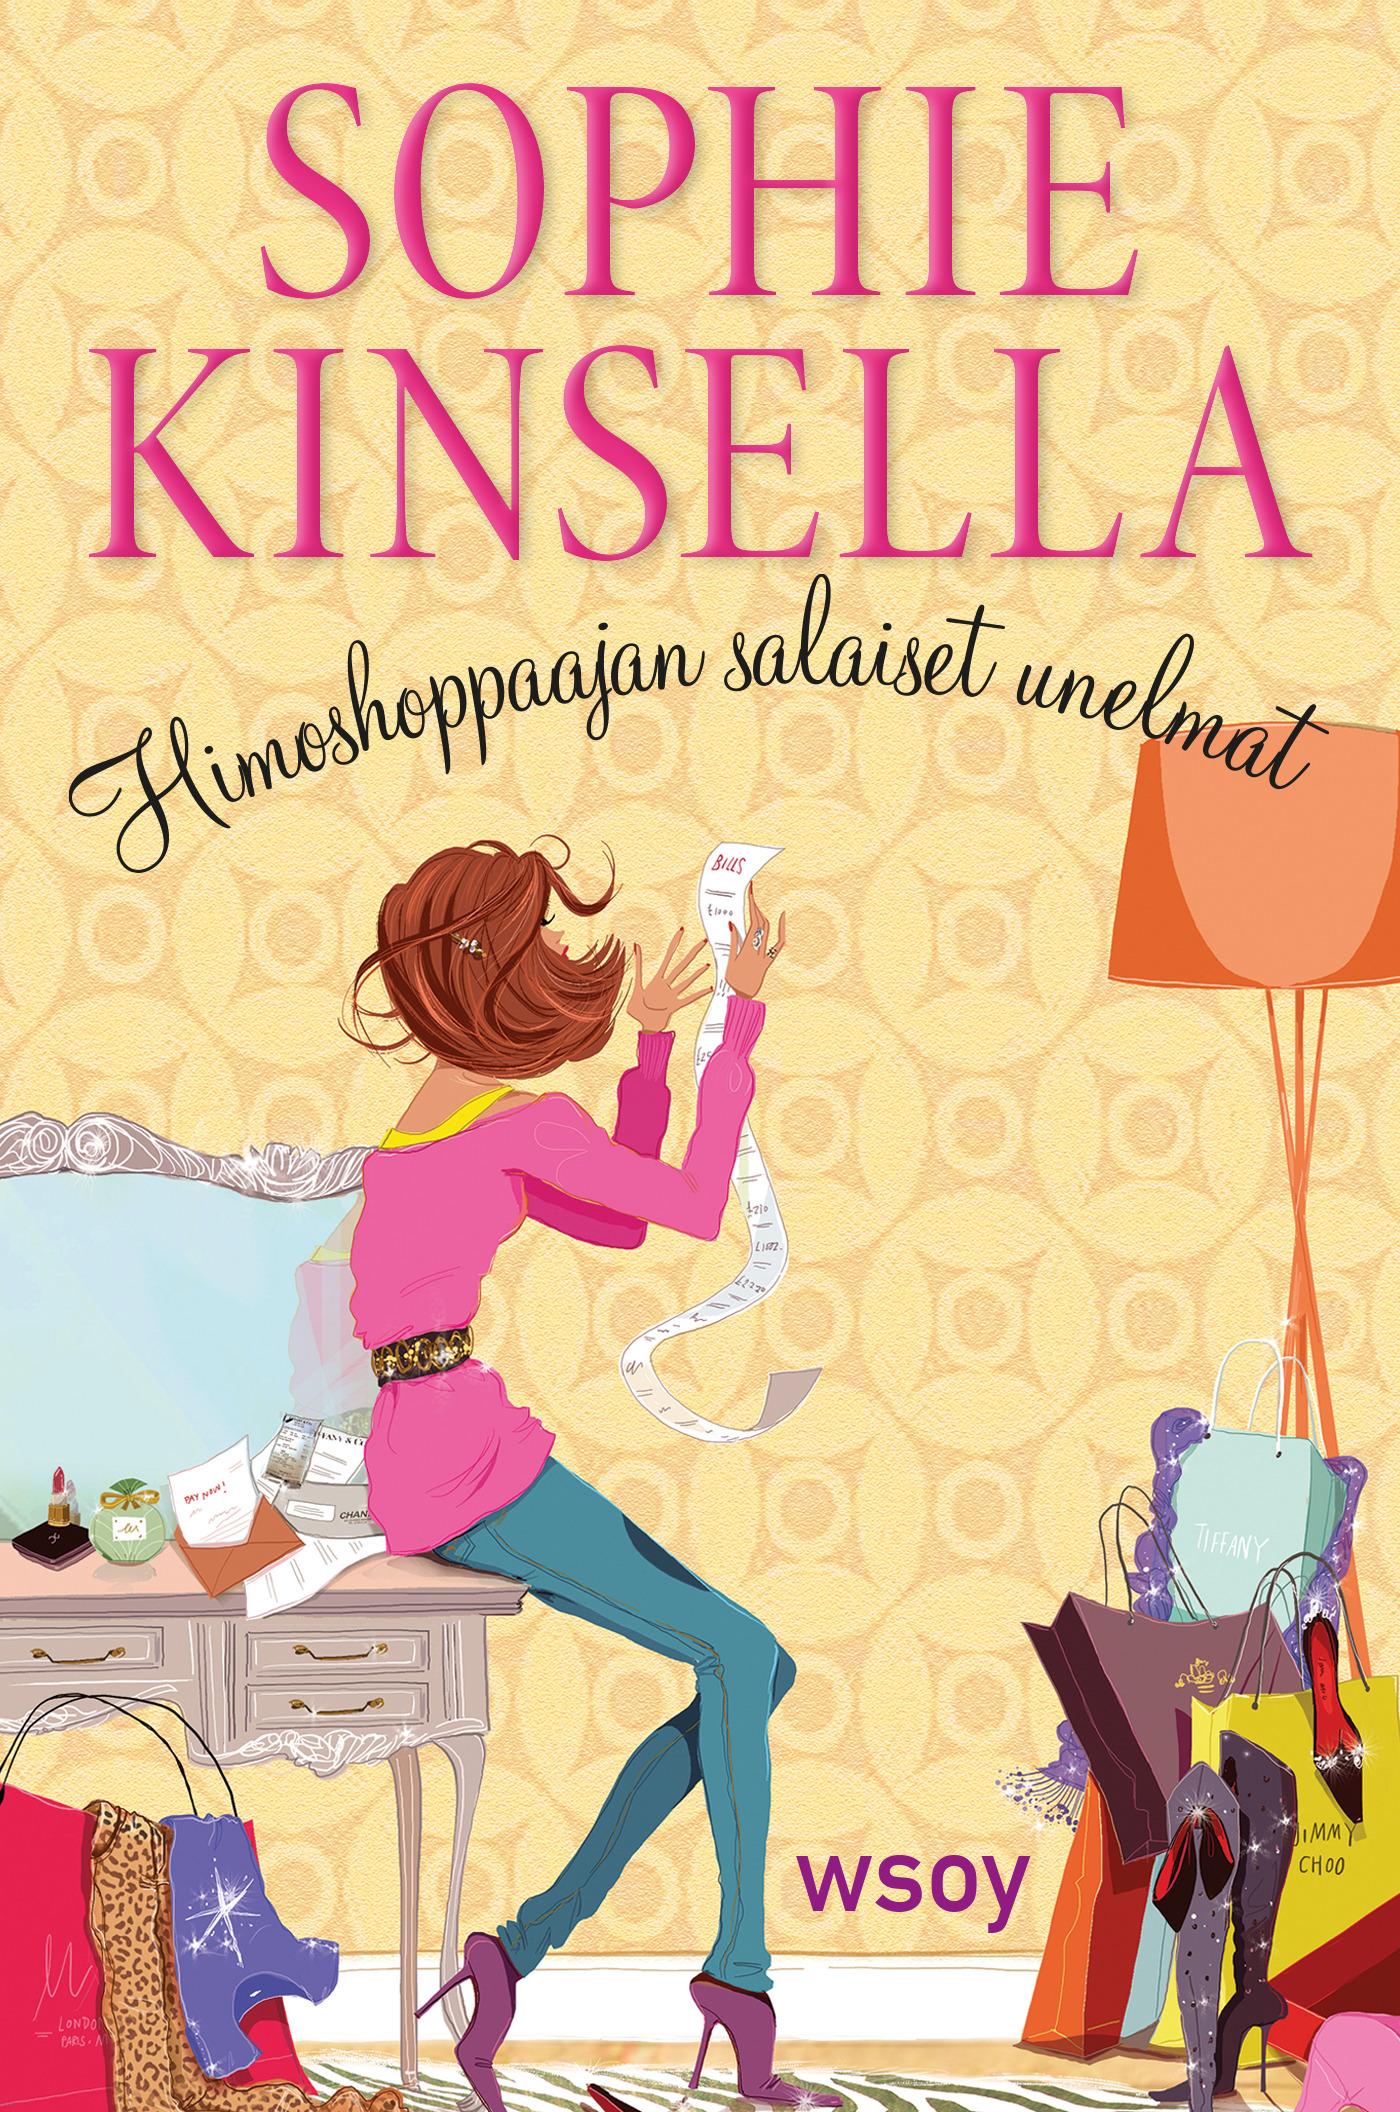 Kinsella, Sophie - Himoshoppaajan salaiset unelmat: Himoshoppaaja 1, e-kirja